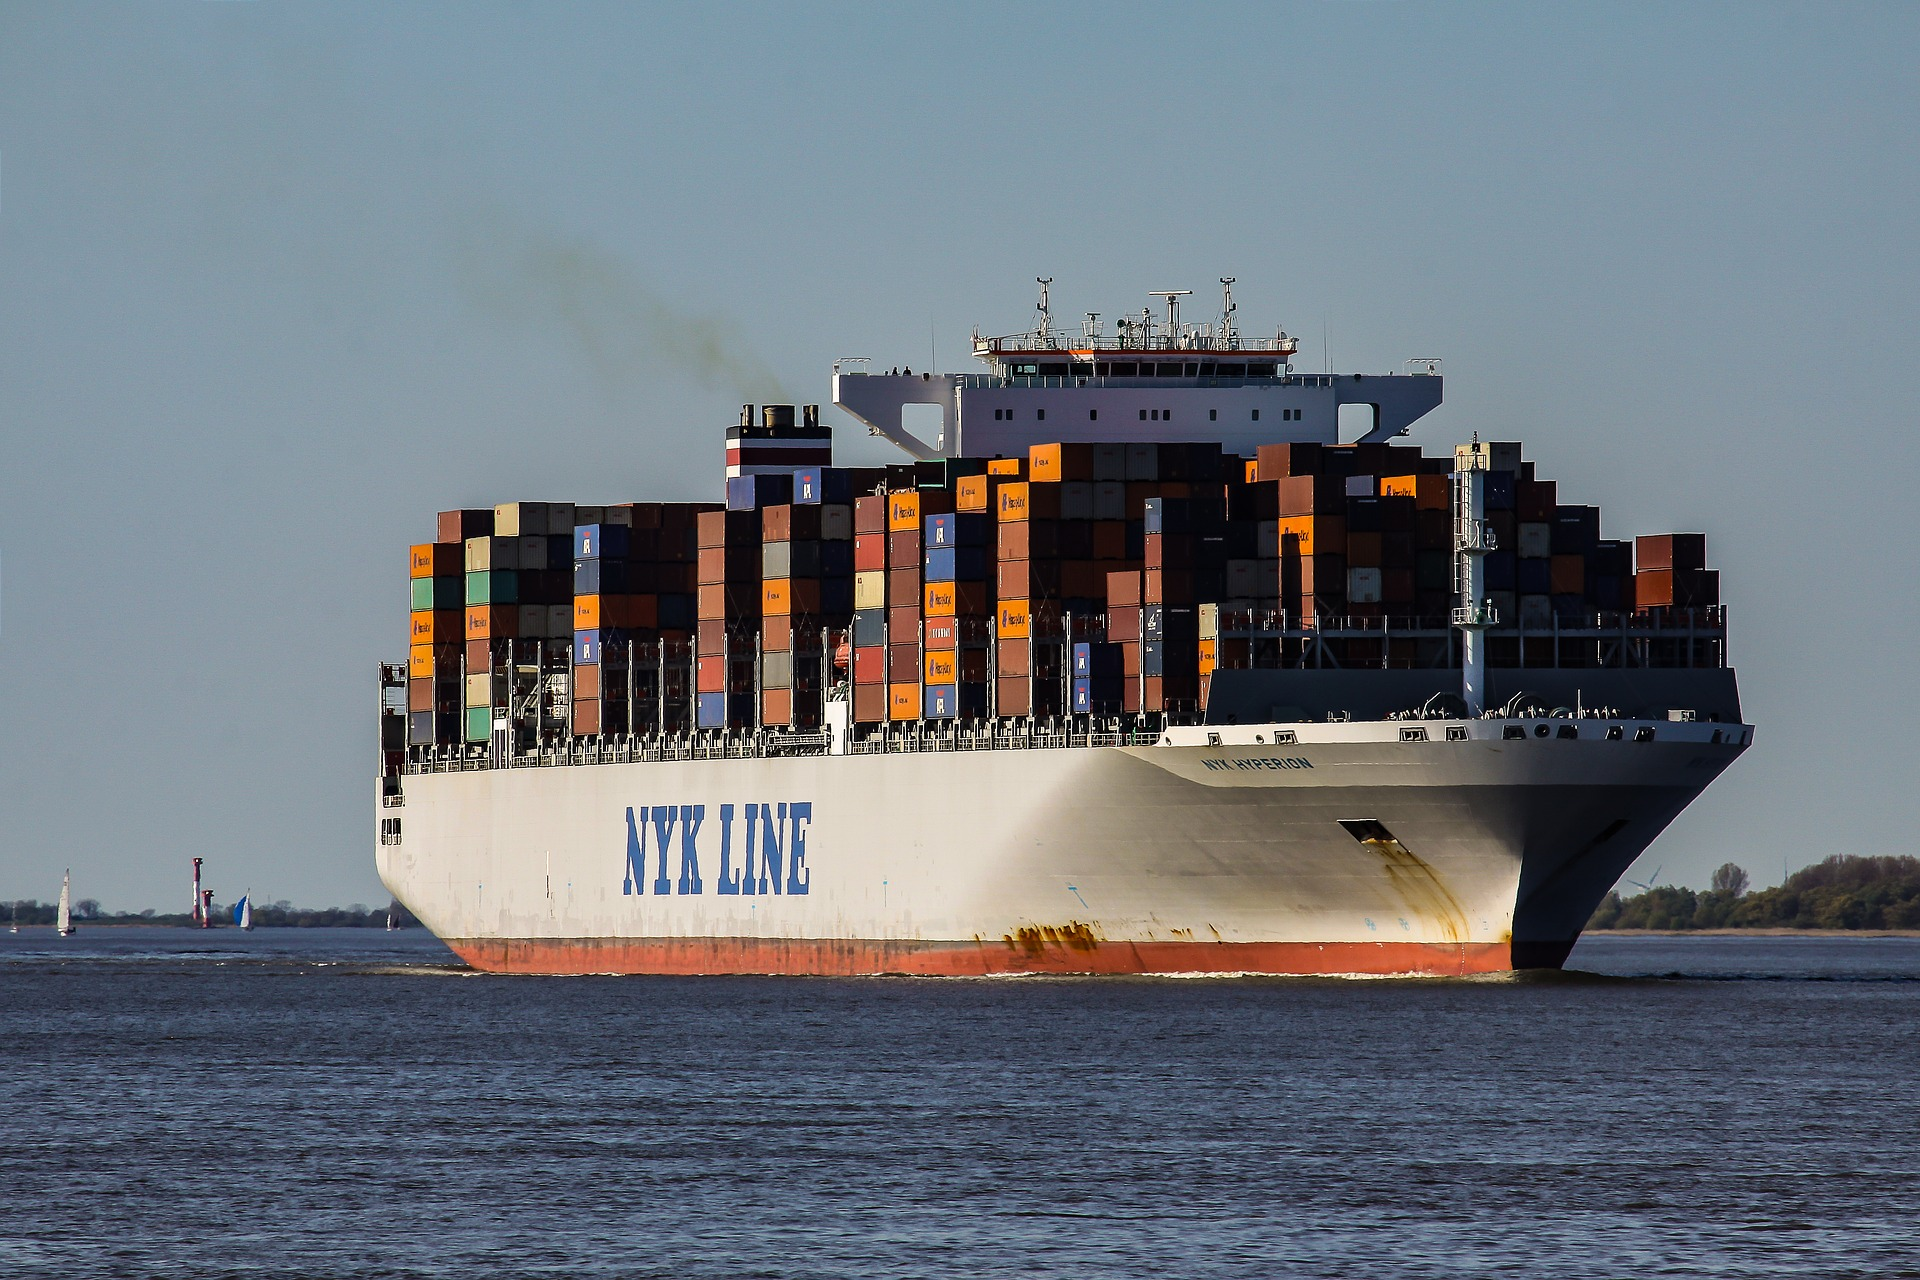 Finies les marées noires : les cargos pourraient bientôt carburer à l'eau de mer